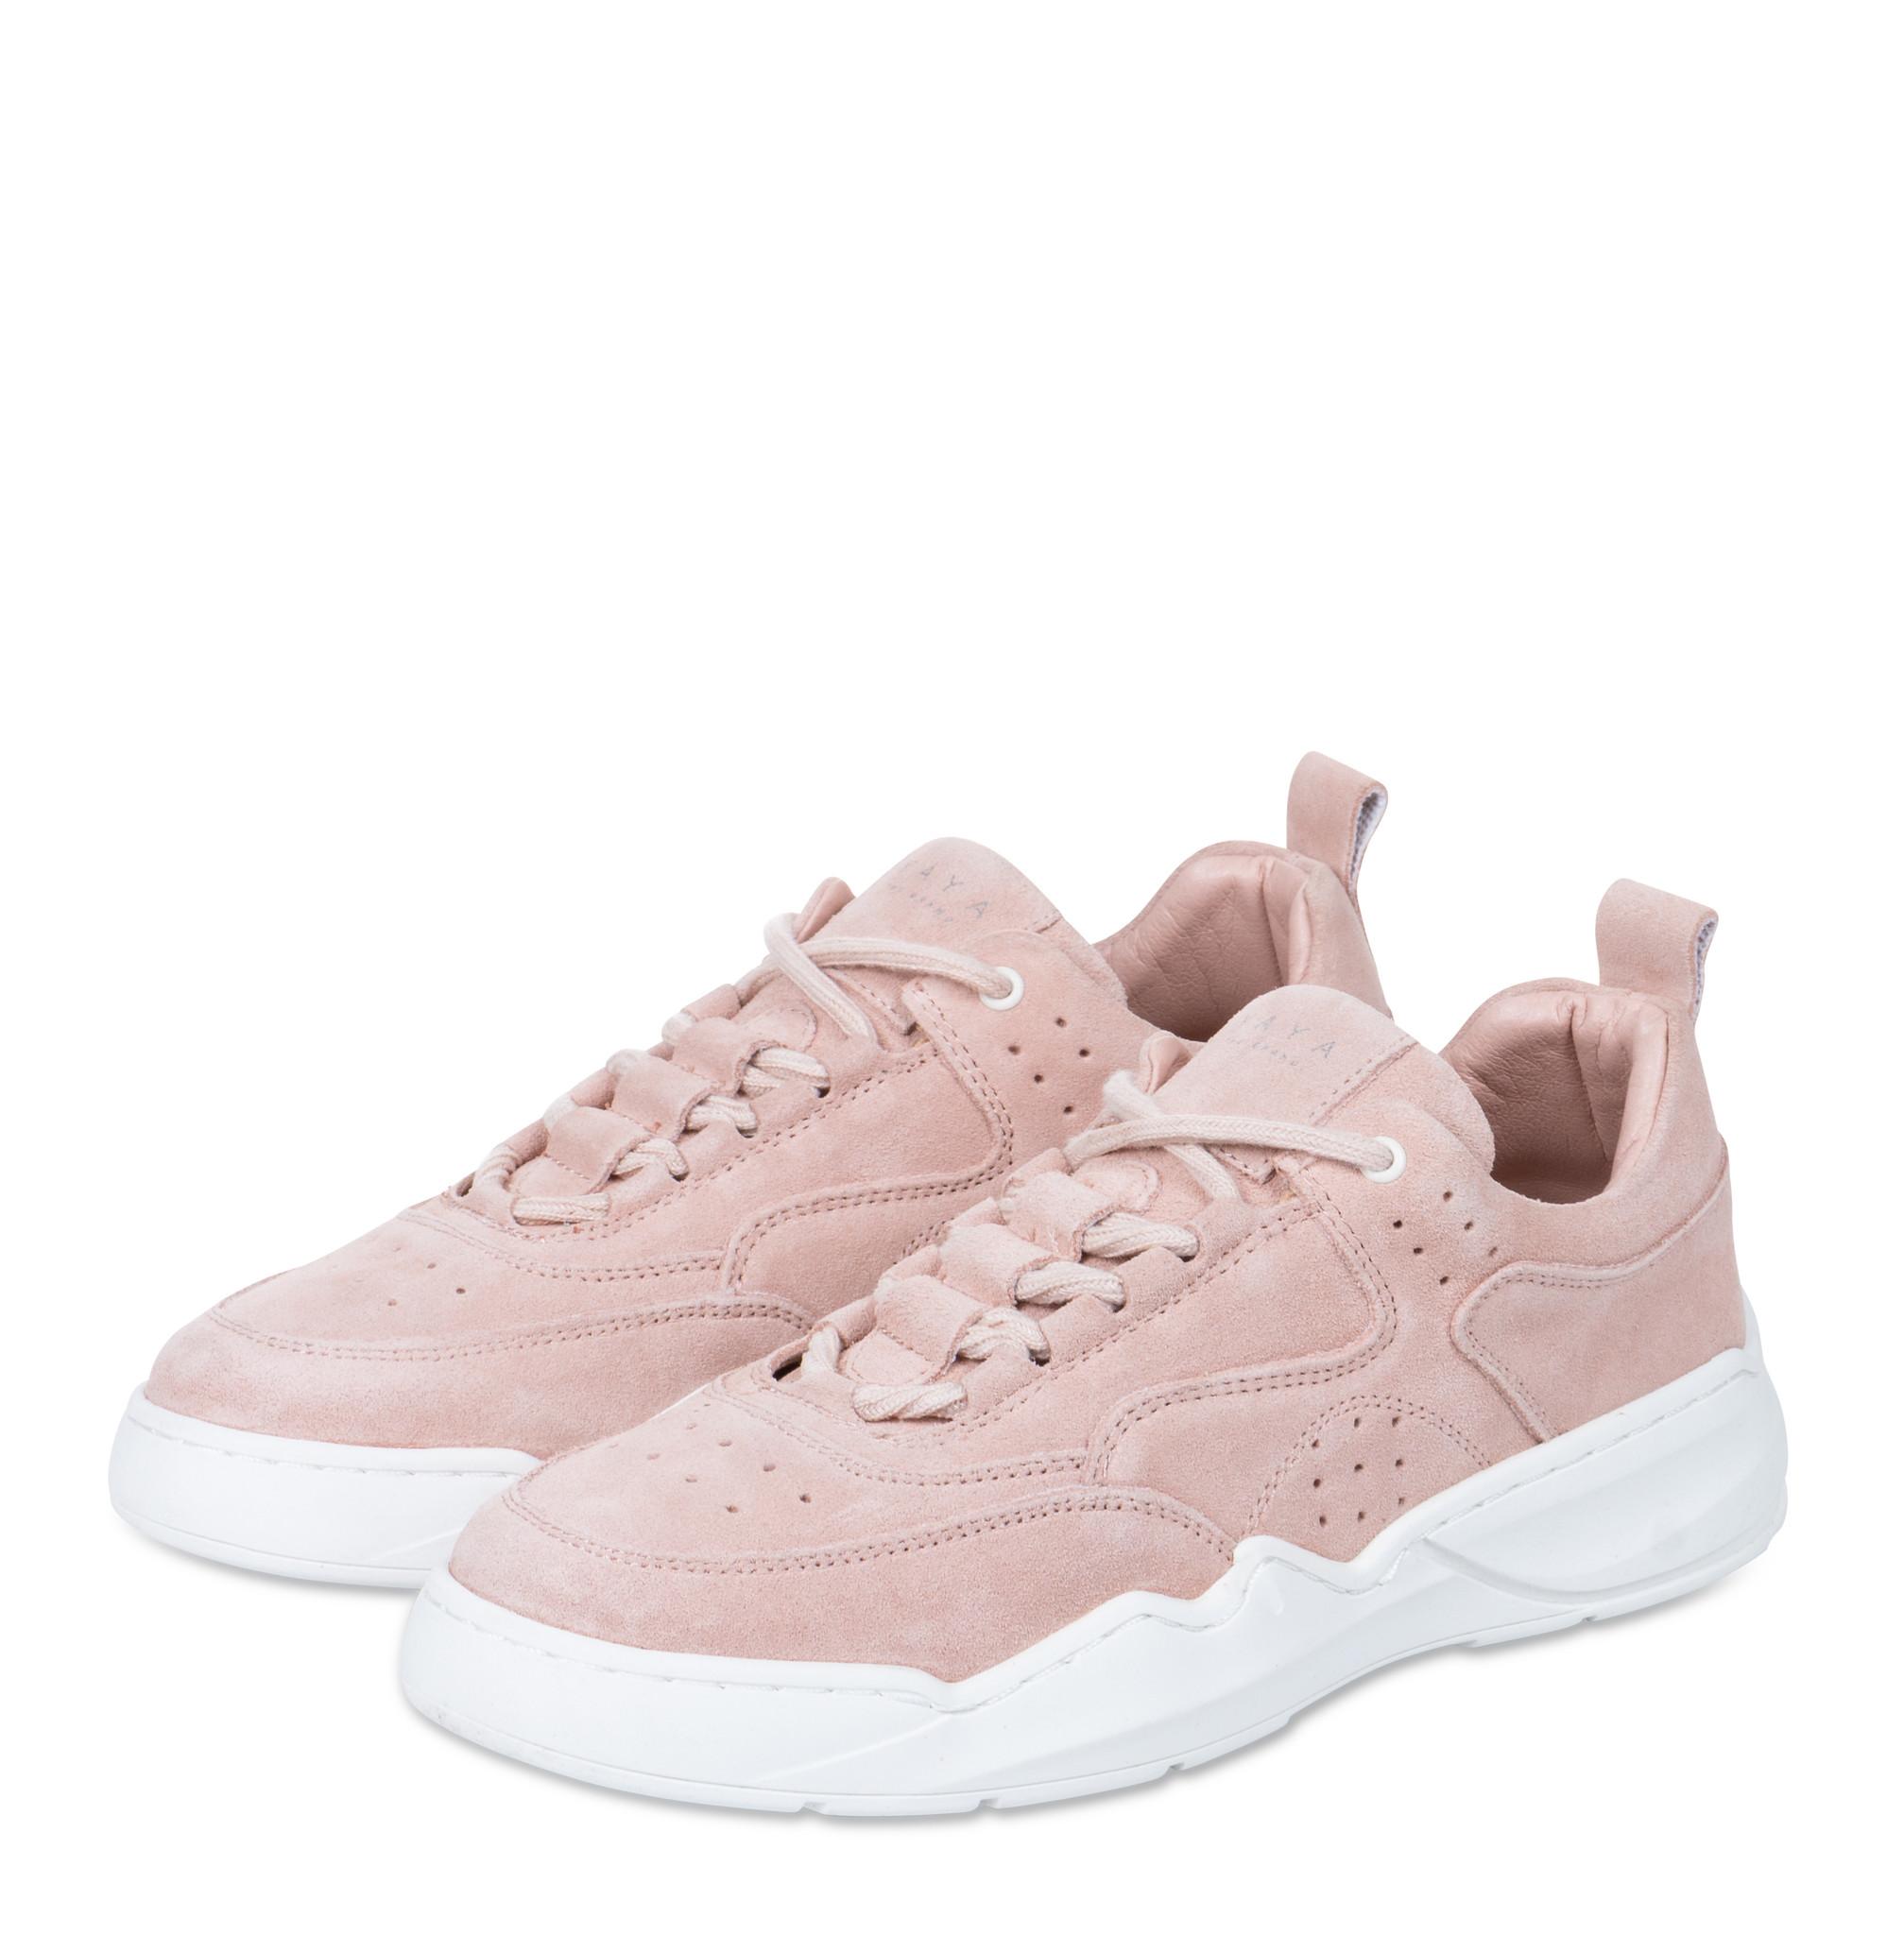 yaya Suede sneakers 134344-014-1